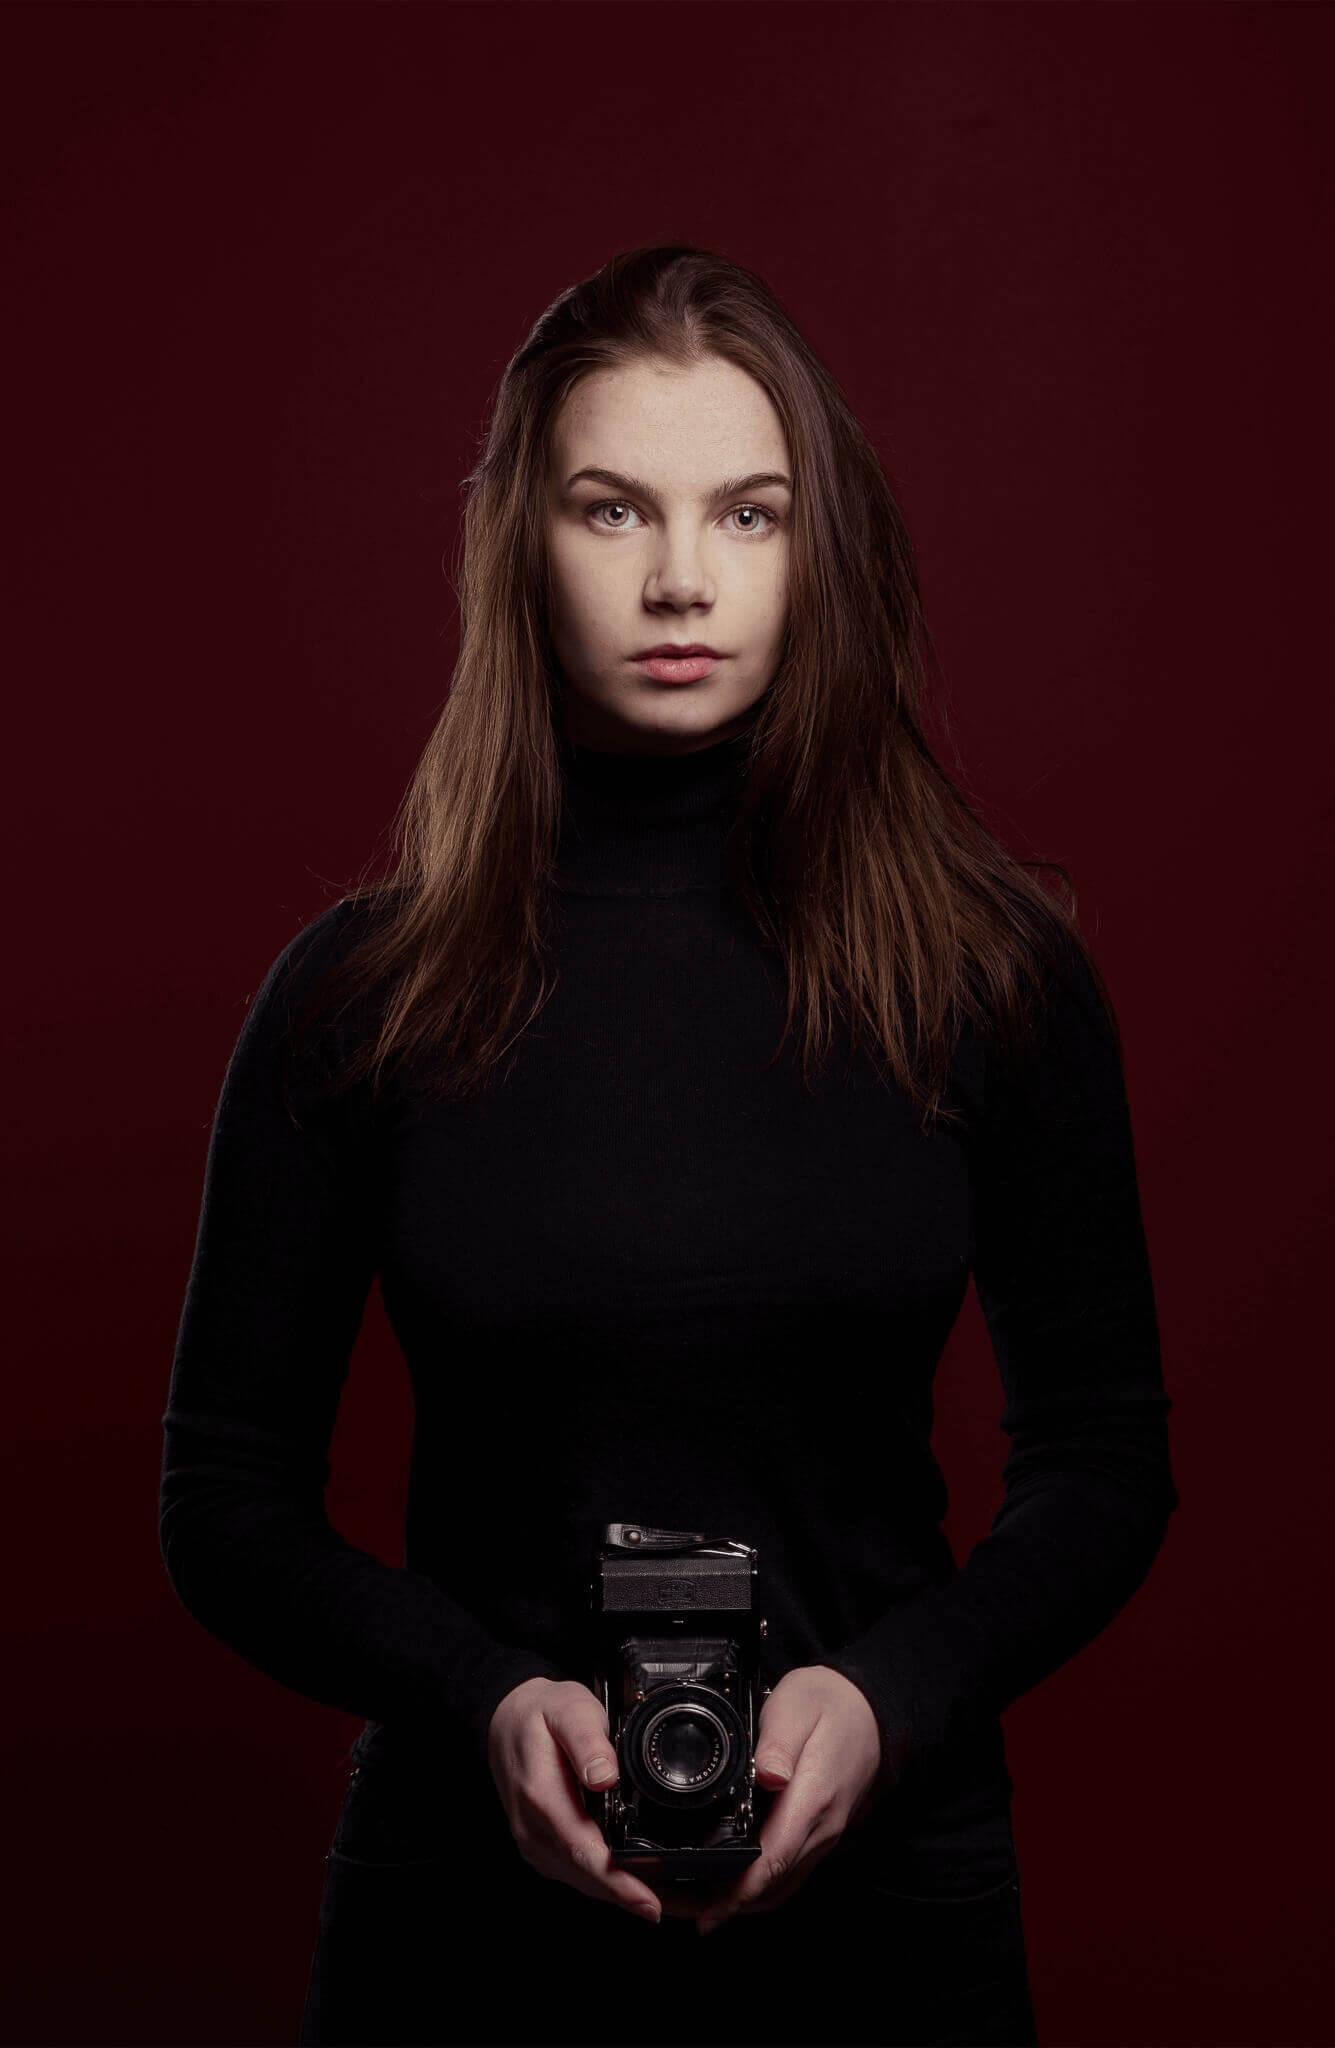 henkilökuvaus-nuoret valokuvaajat jyväskylä studiokuva